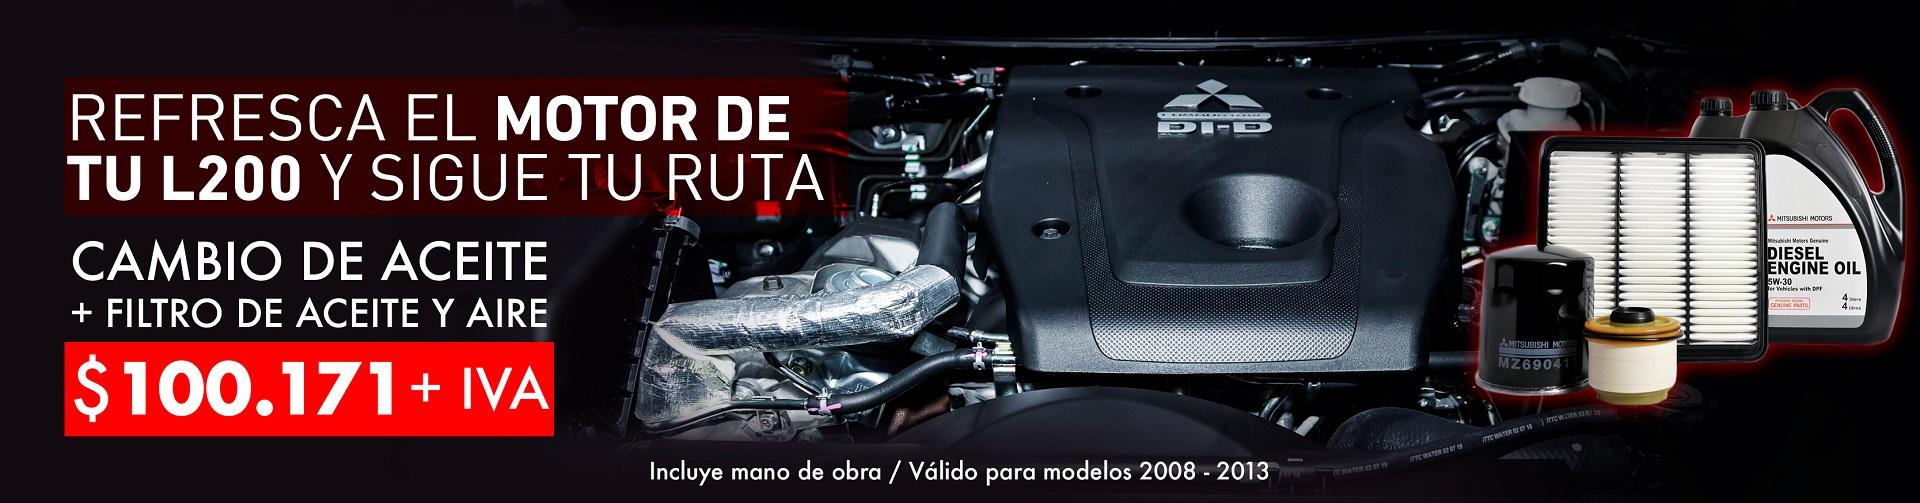 Gracia Autos - cambio de aceite